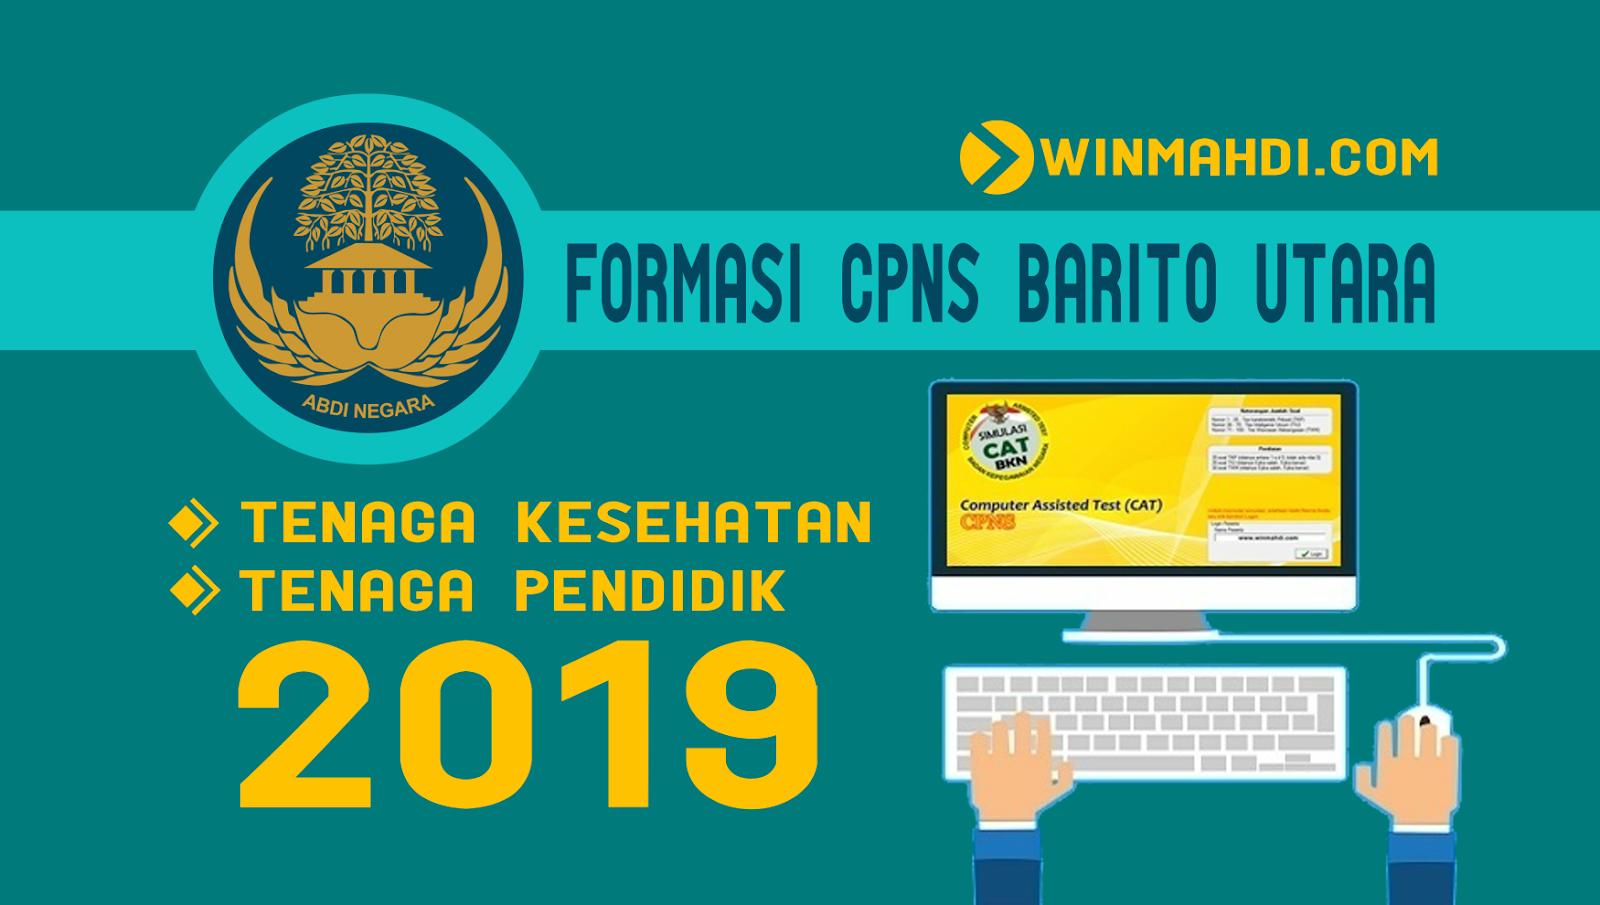 Daftar Formasi CPNS Barito Utara 2019